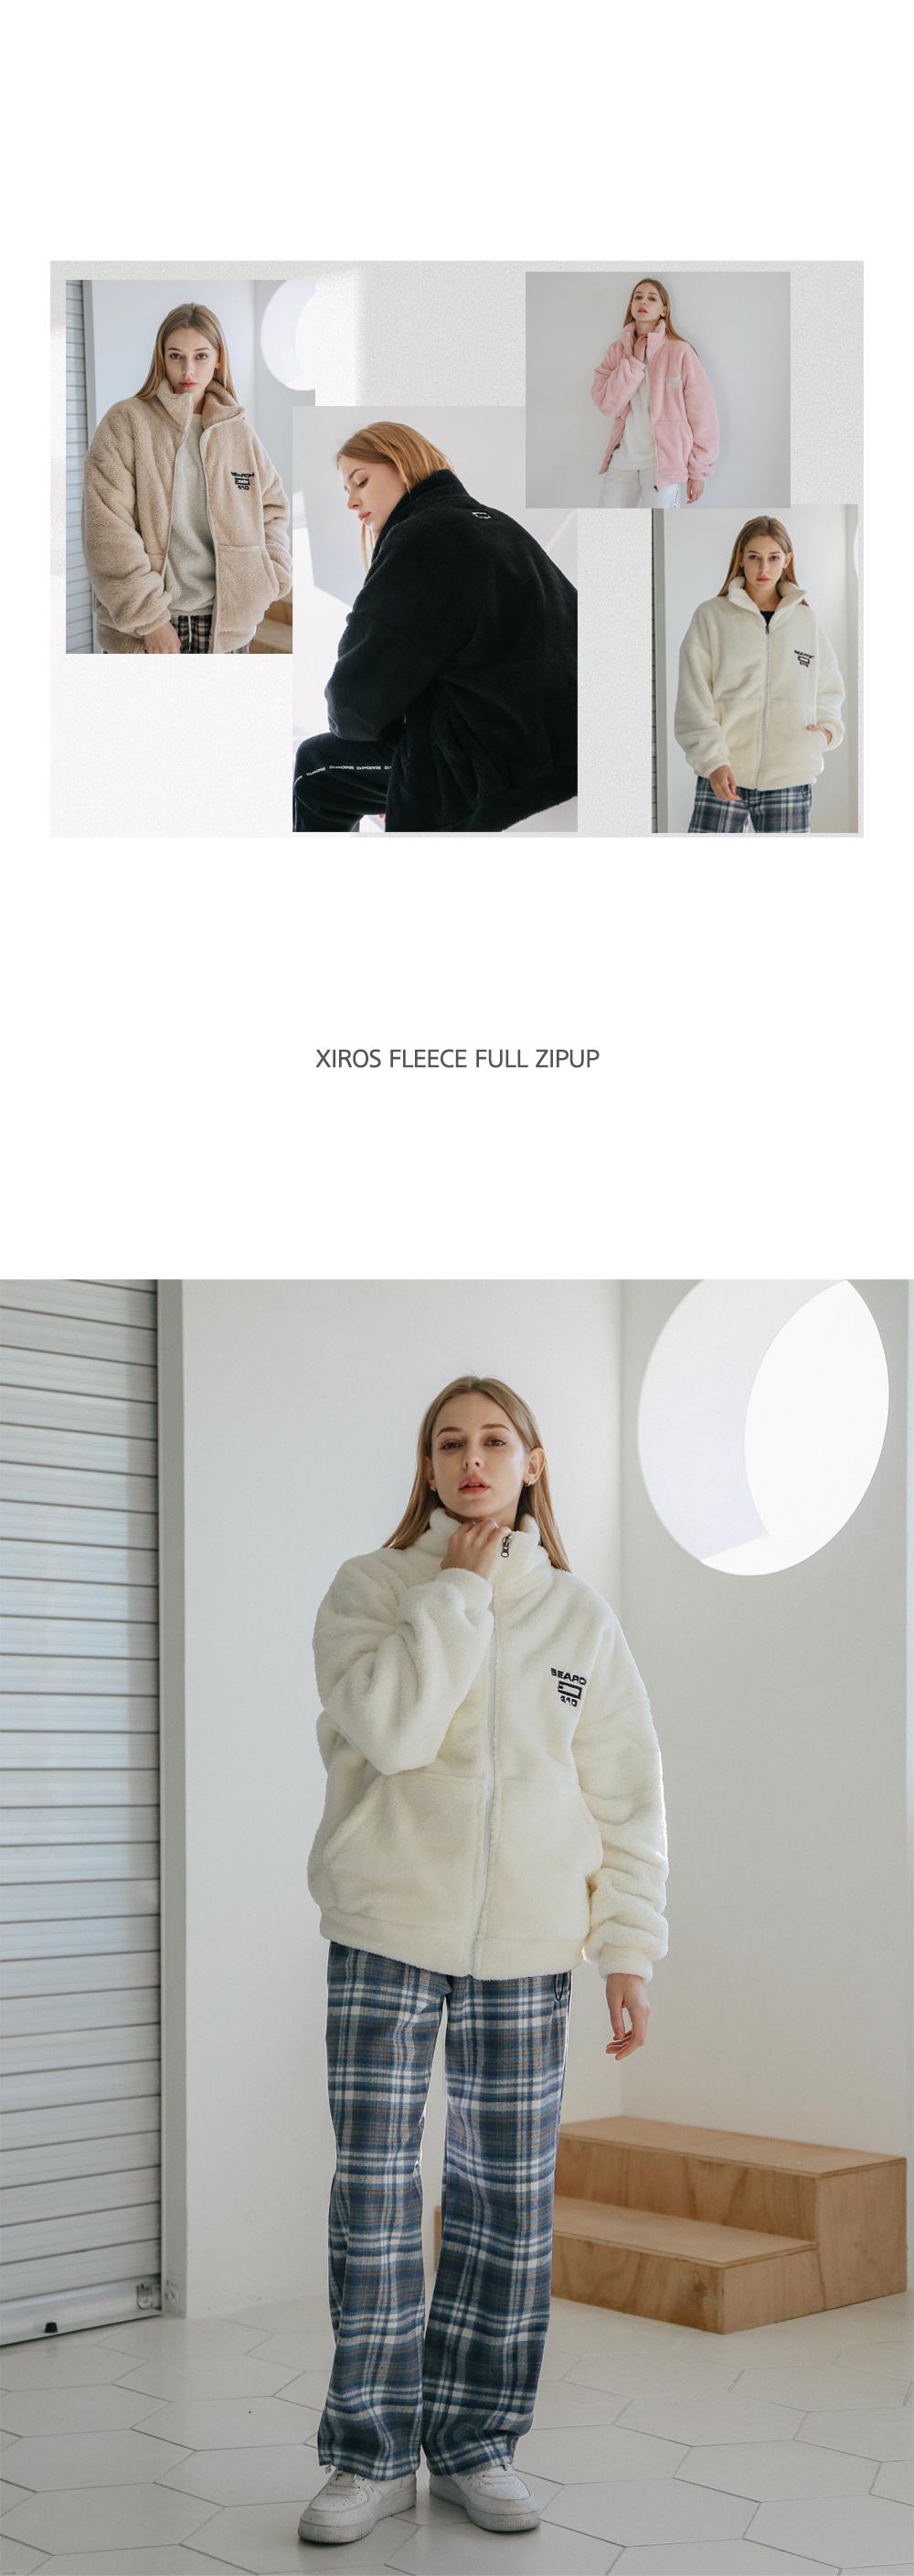 [UNISEX] XIROS FLEECE FULL ZIPUP_IVORY